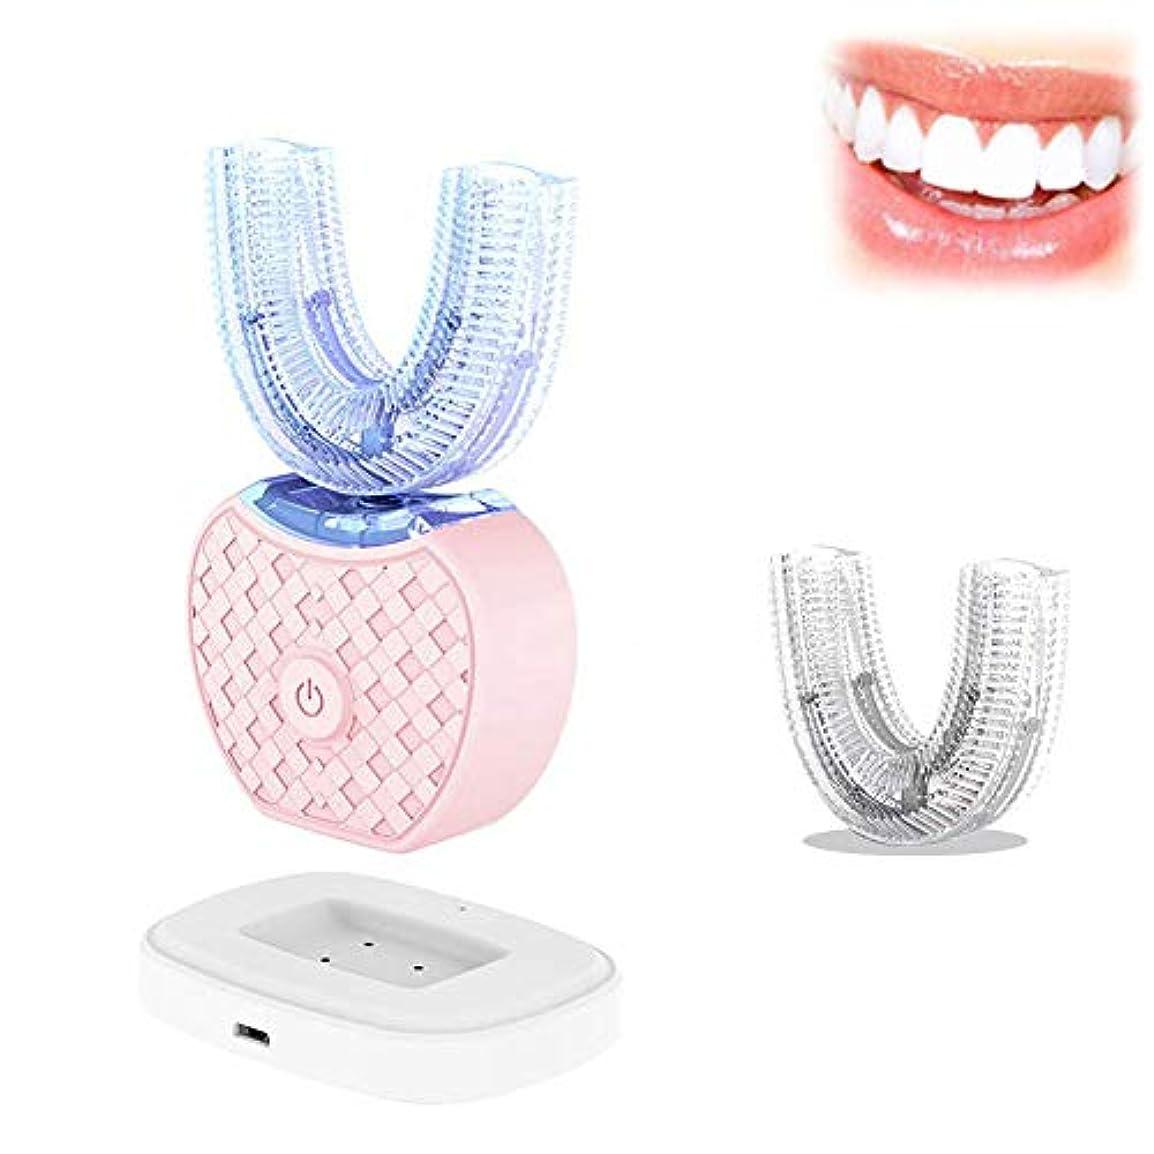 ピストンライド割る電動歯ブラシフルオートマチック360°超音波ホワイトニングUタイプマウスクリーナー充電式ワイヤレスポータブルLEDランプ、大人用ブラシFDA / IPX7,Pink